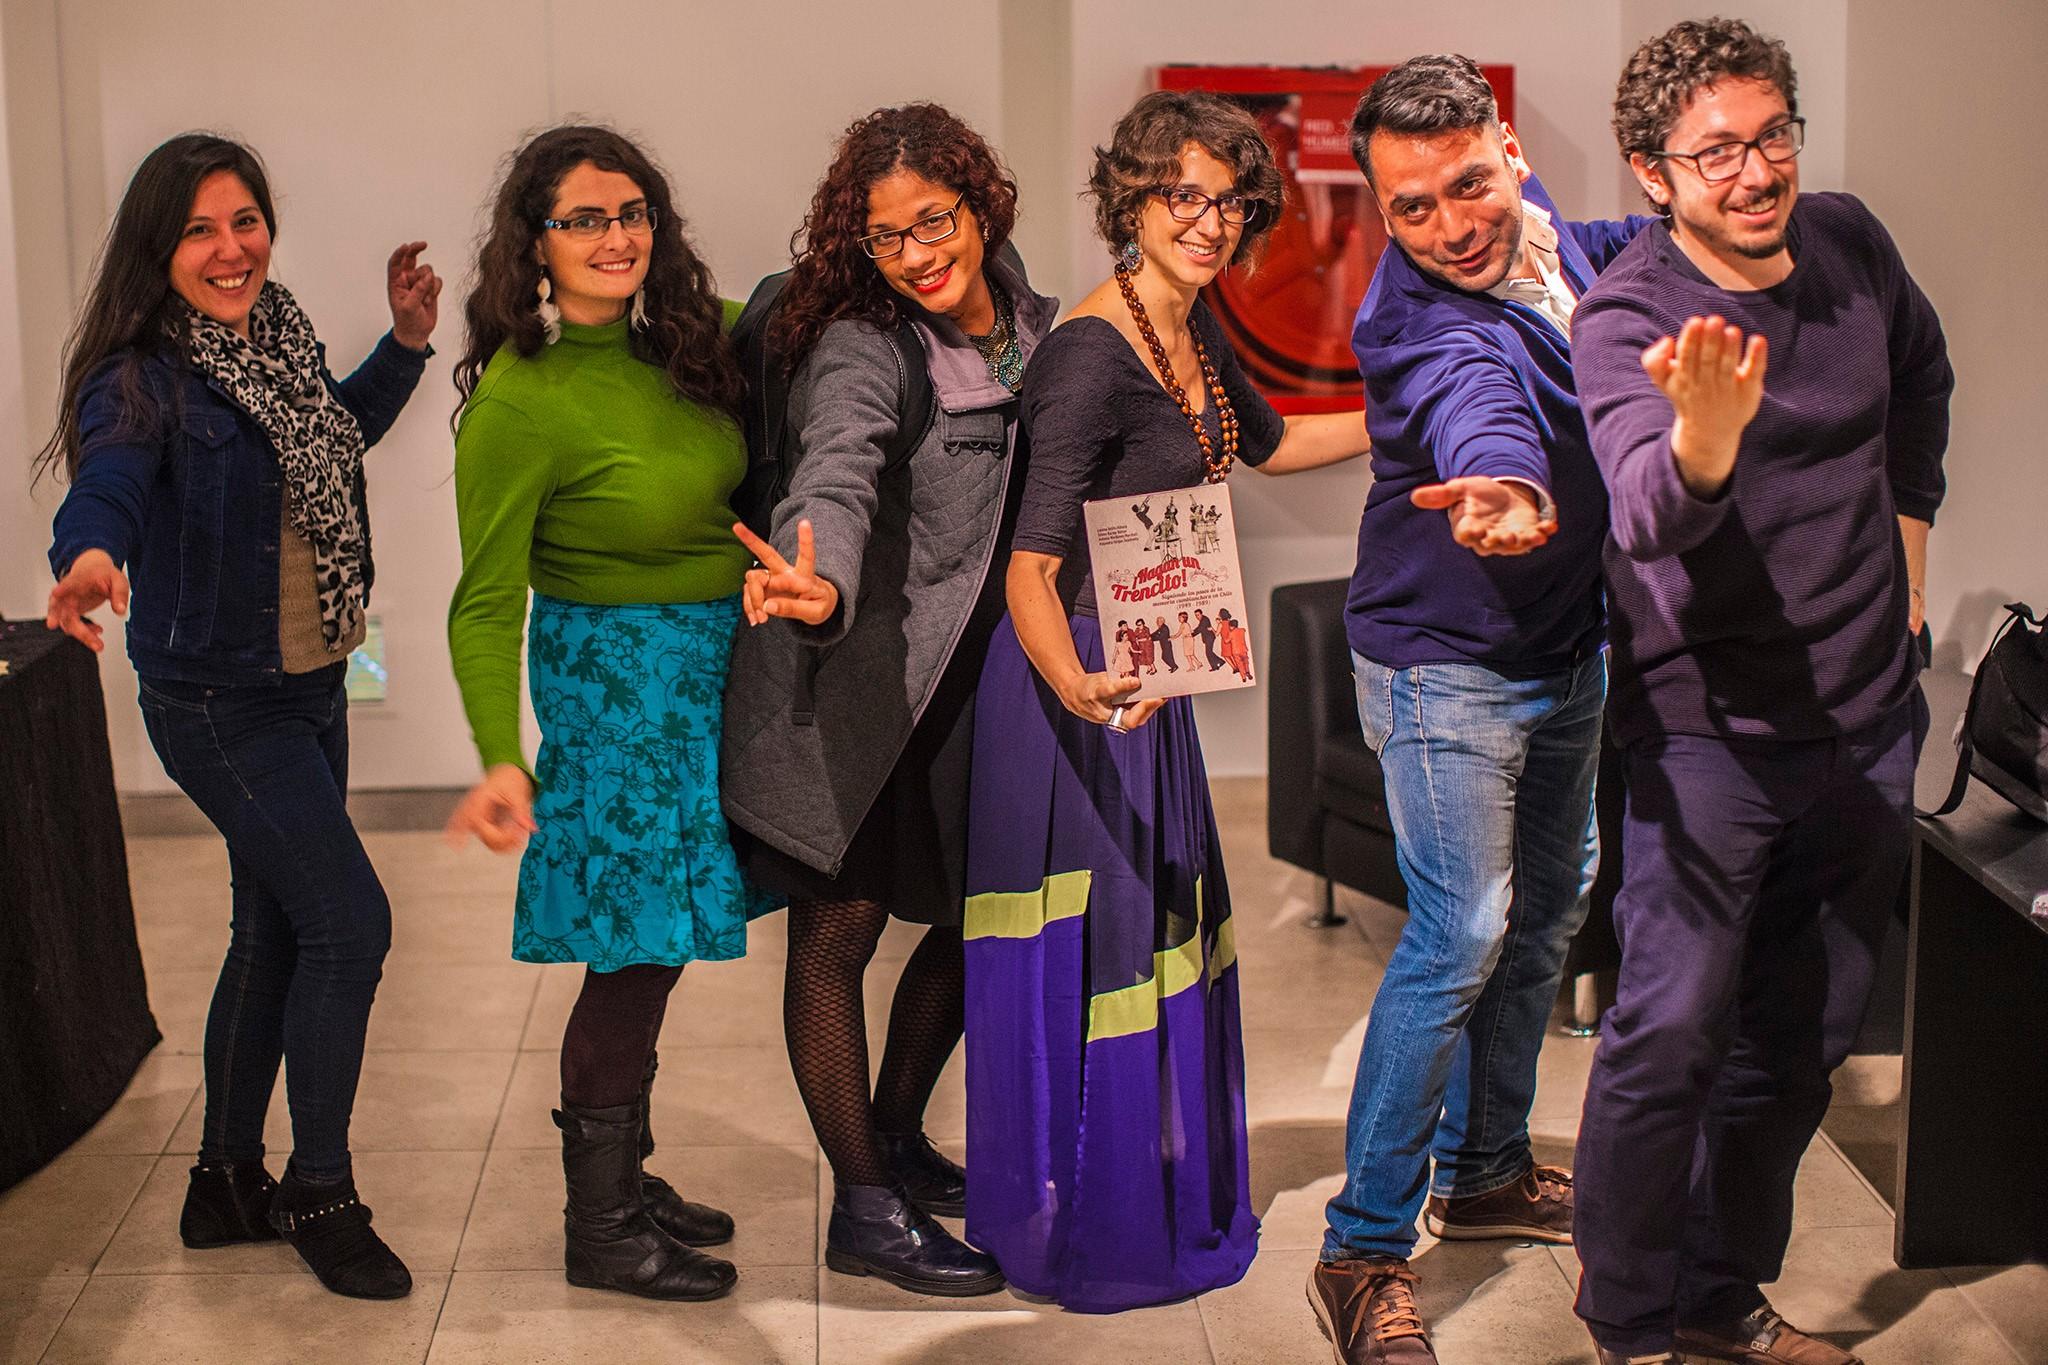 Equipo productor del lanzamiento, de izquierda a derecha: Joy Novoa, Amanda Borgoño, Nina Sepúlveda, Antonia Mardones, Cristóbal Millas y Patricio López.